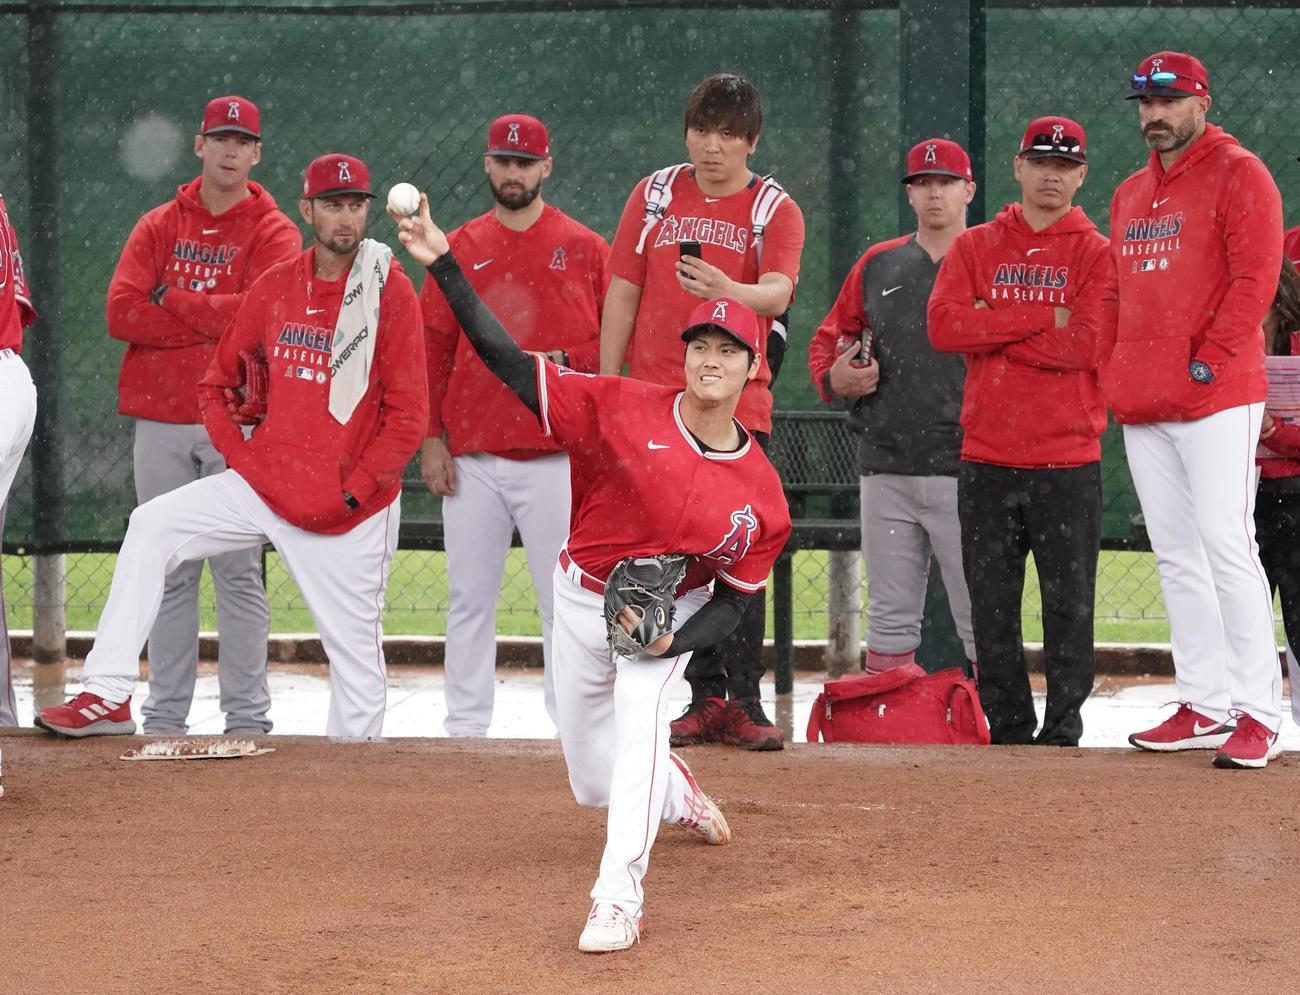 ミッキー・キャロウェー投手コーチ(右端)らの視線を受けながらブルペンで投球練習をするエンゼルス大谷(2020年3月11日撮影)